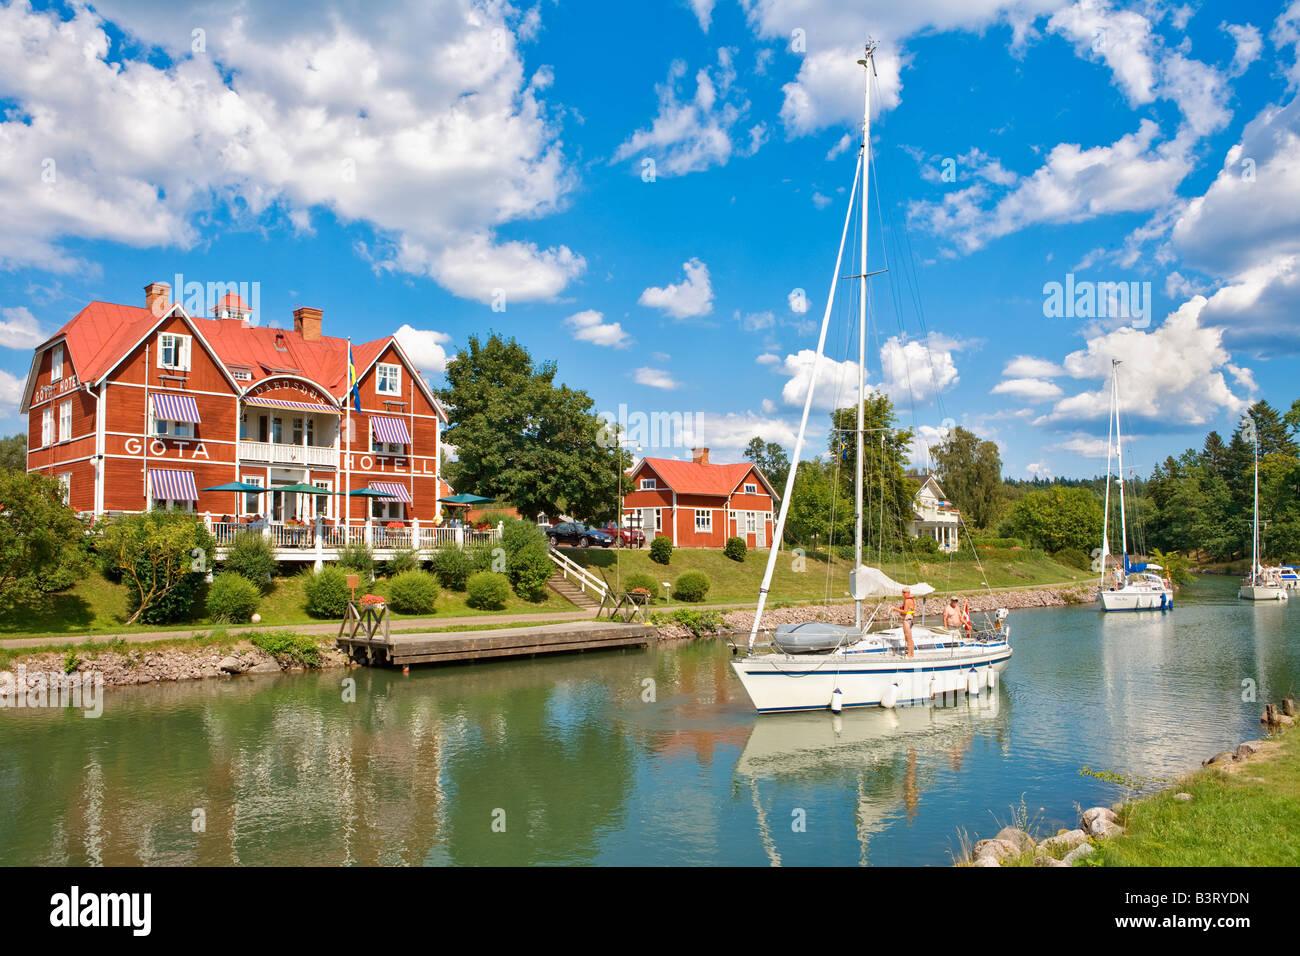 SWEDEN ÖSTERGÖTLAND BORENSBERG GÖTA HOTEL GÖTA CANAL Stock Photo